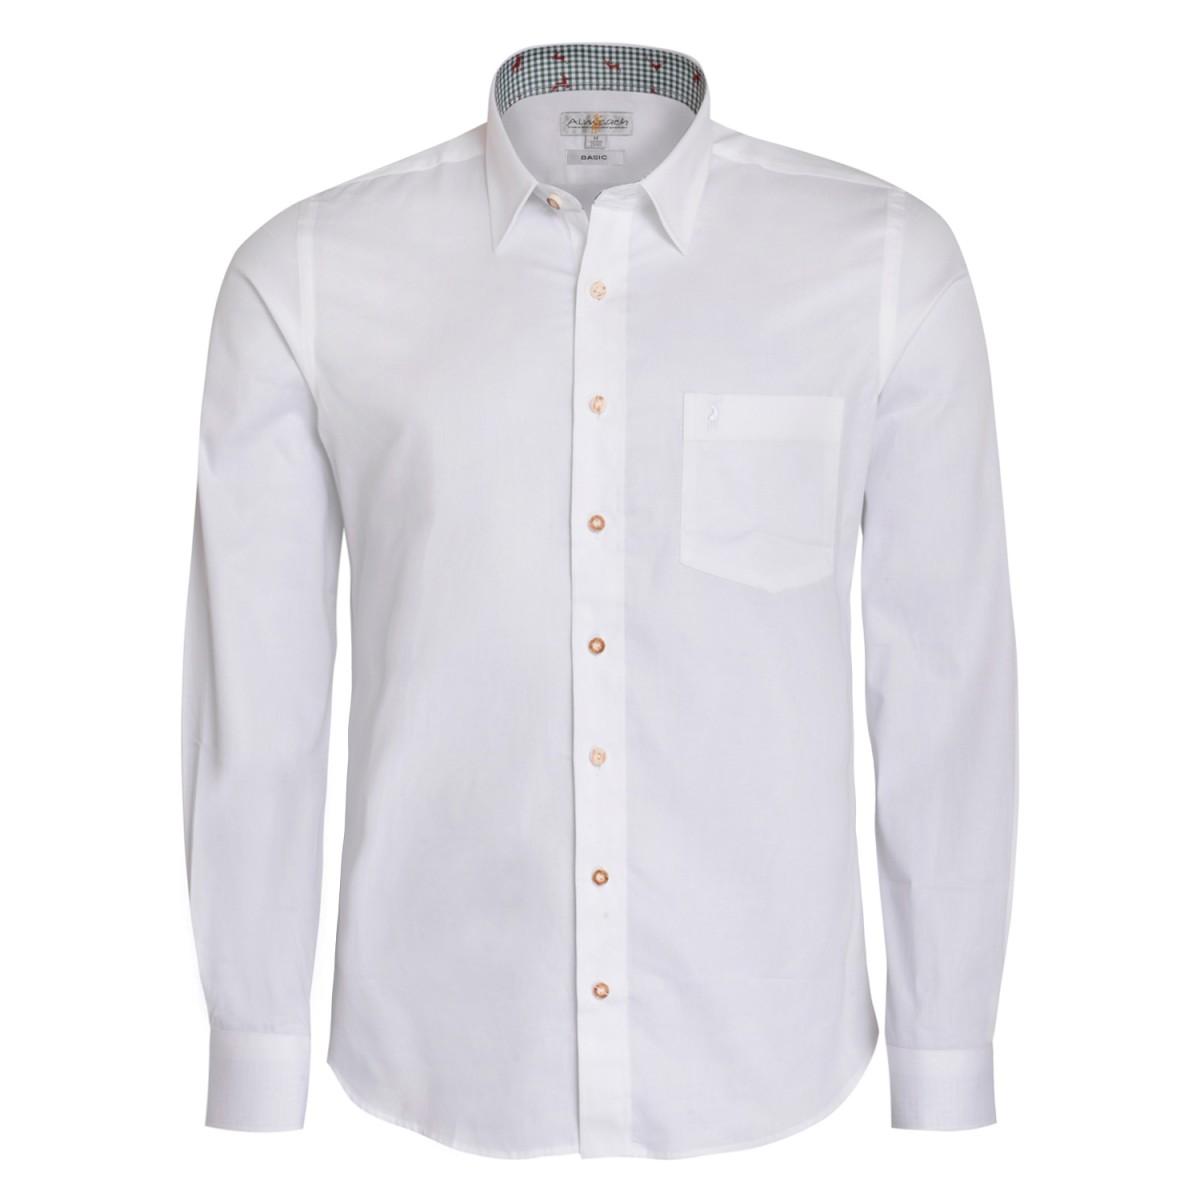 Trachtenhemd Regular Fit zweifarbig in Weiß und Dunkelgrün von Almsach